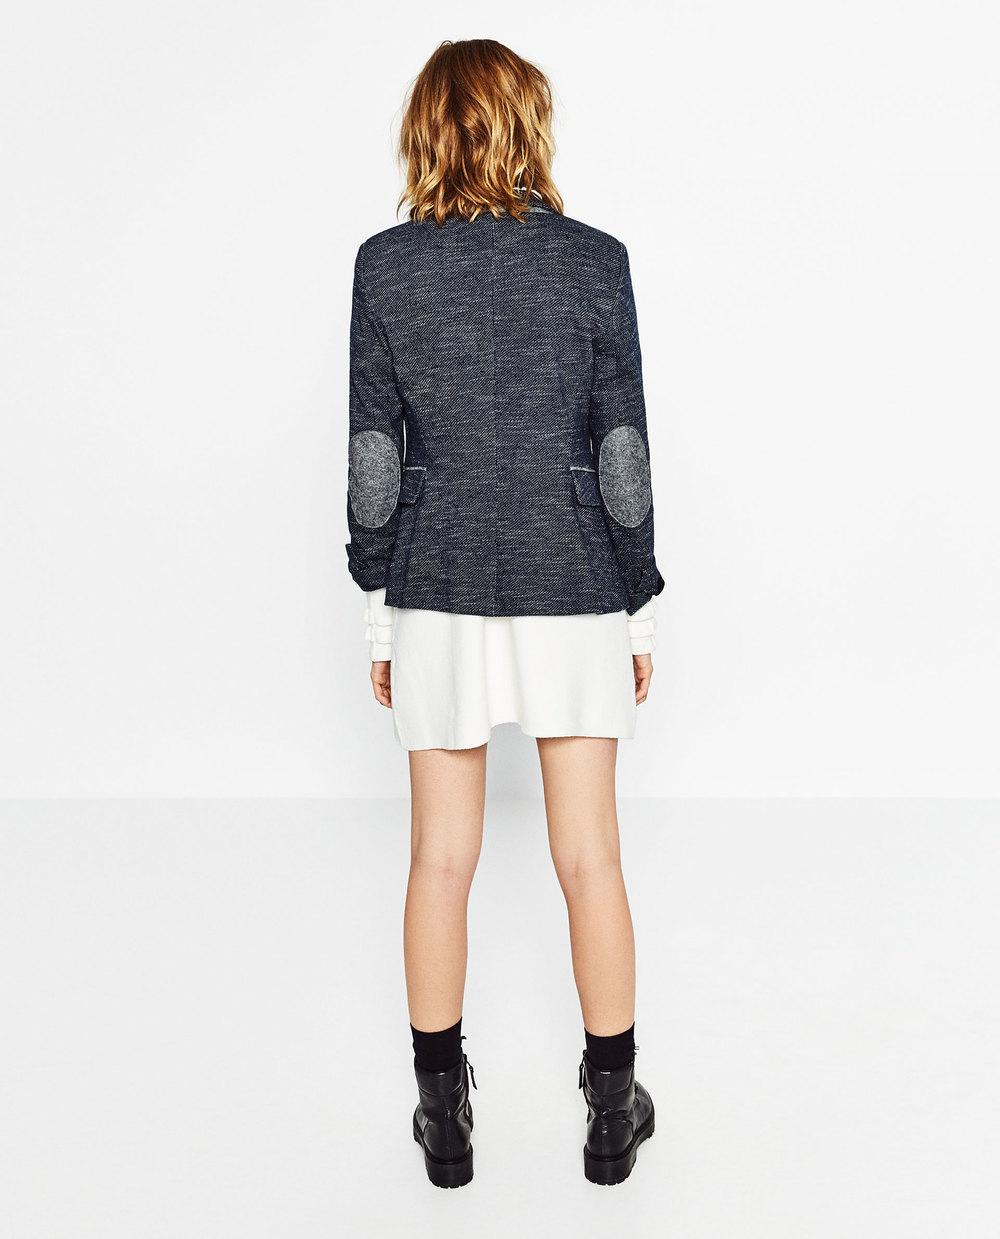 Blazer With Elbow Patches. Zara. $99.